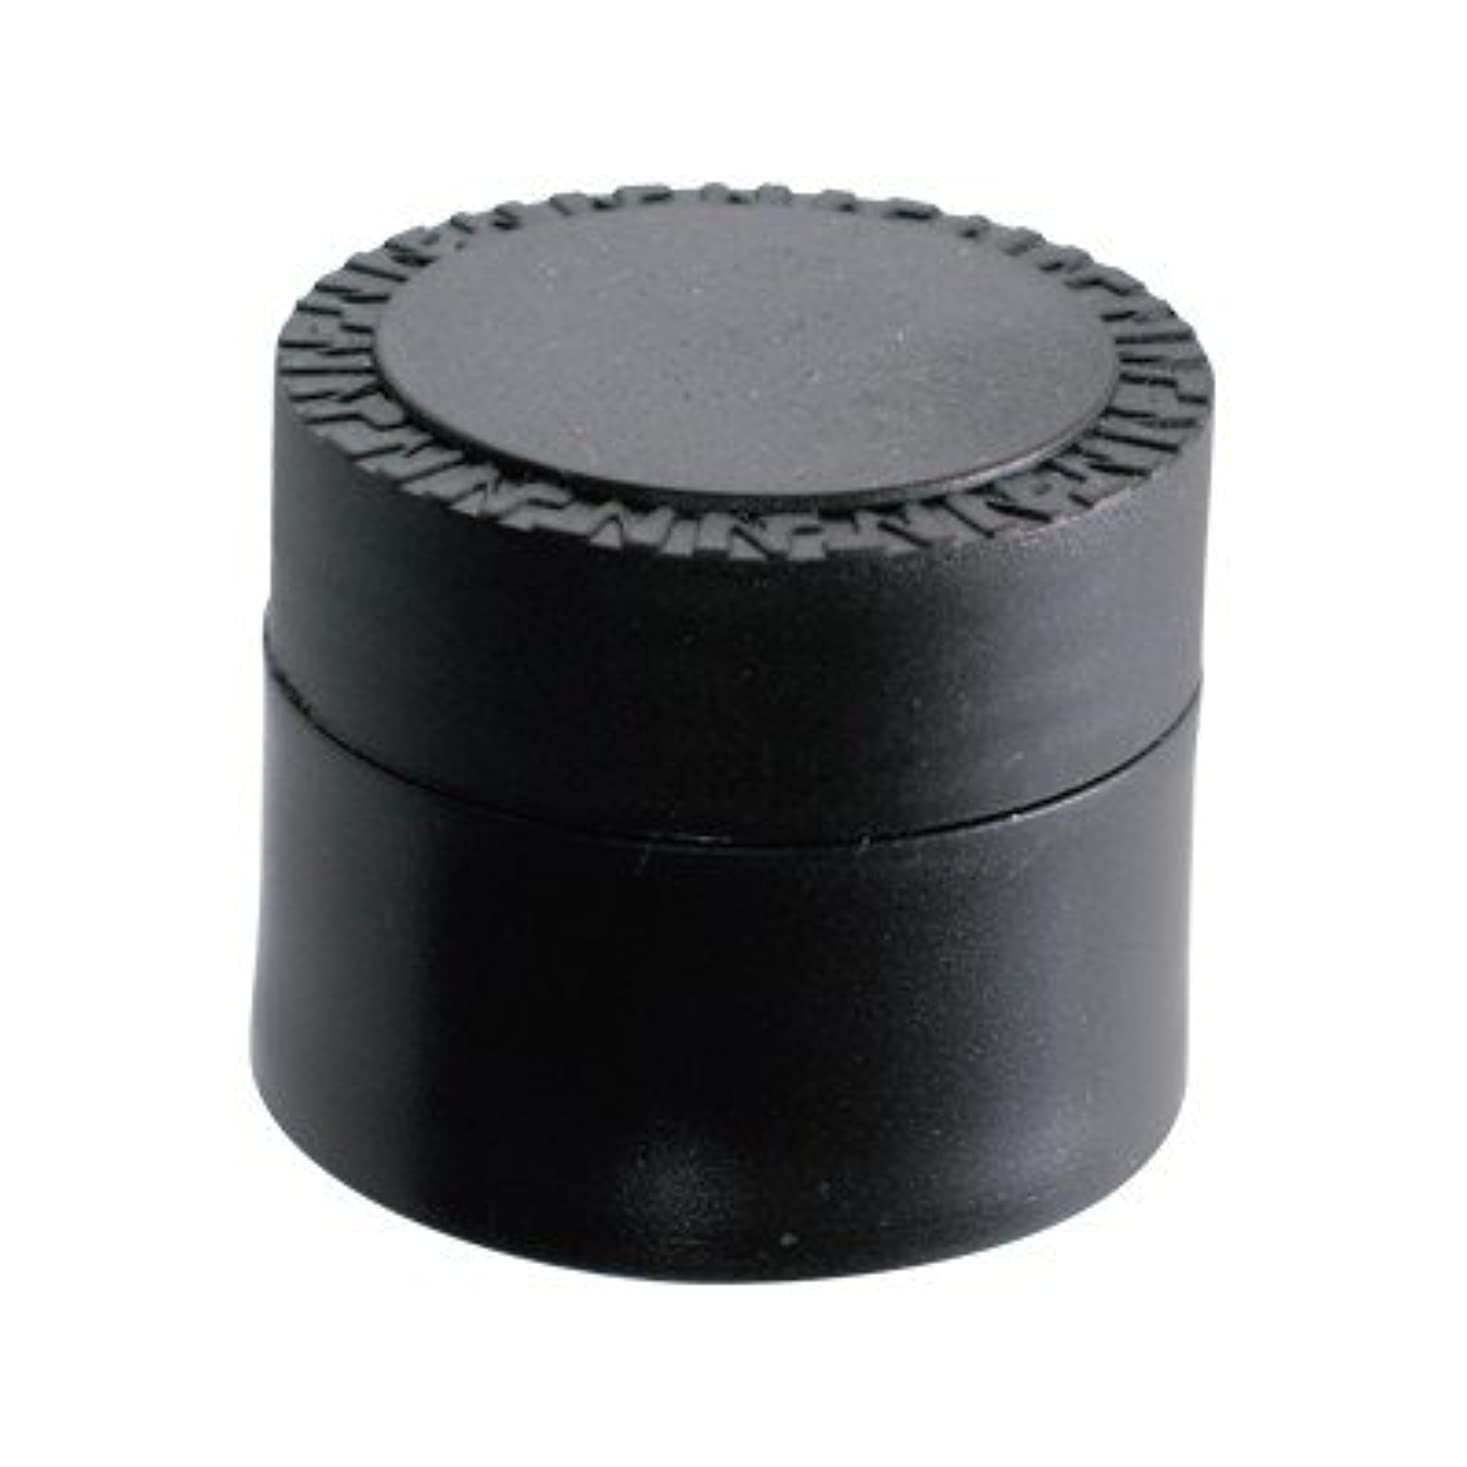 トーナメント可決発音するNFS メルティージェル 空容器 黒 18g